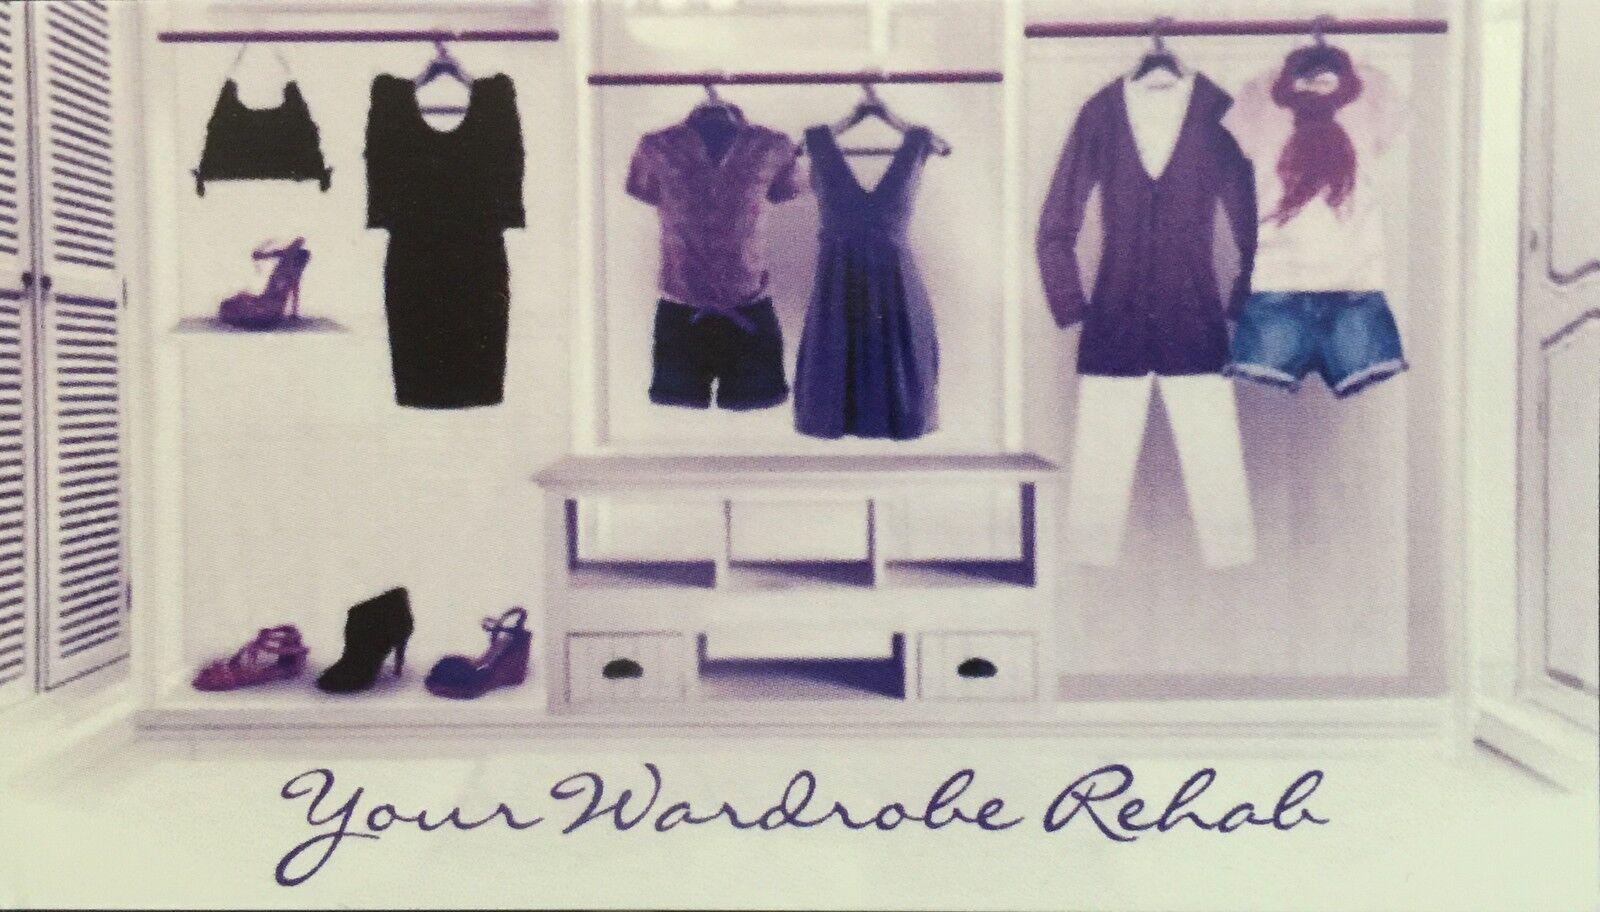 Your Wardrobe Rehab